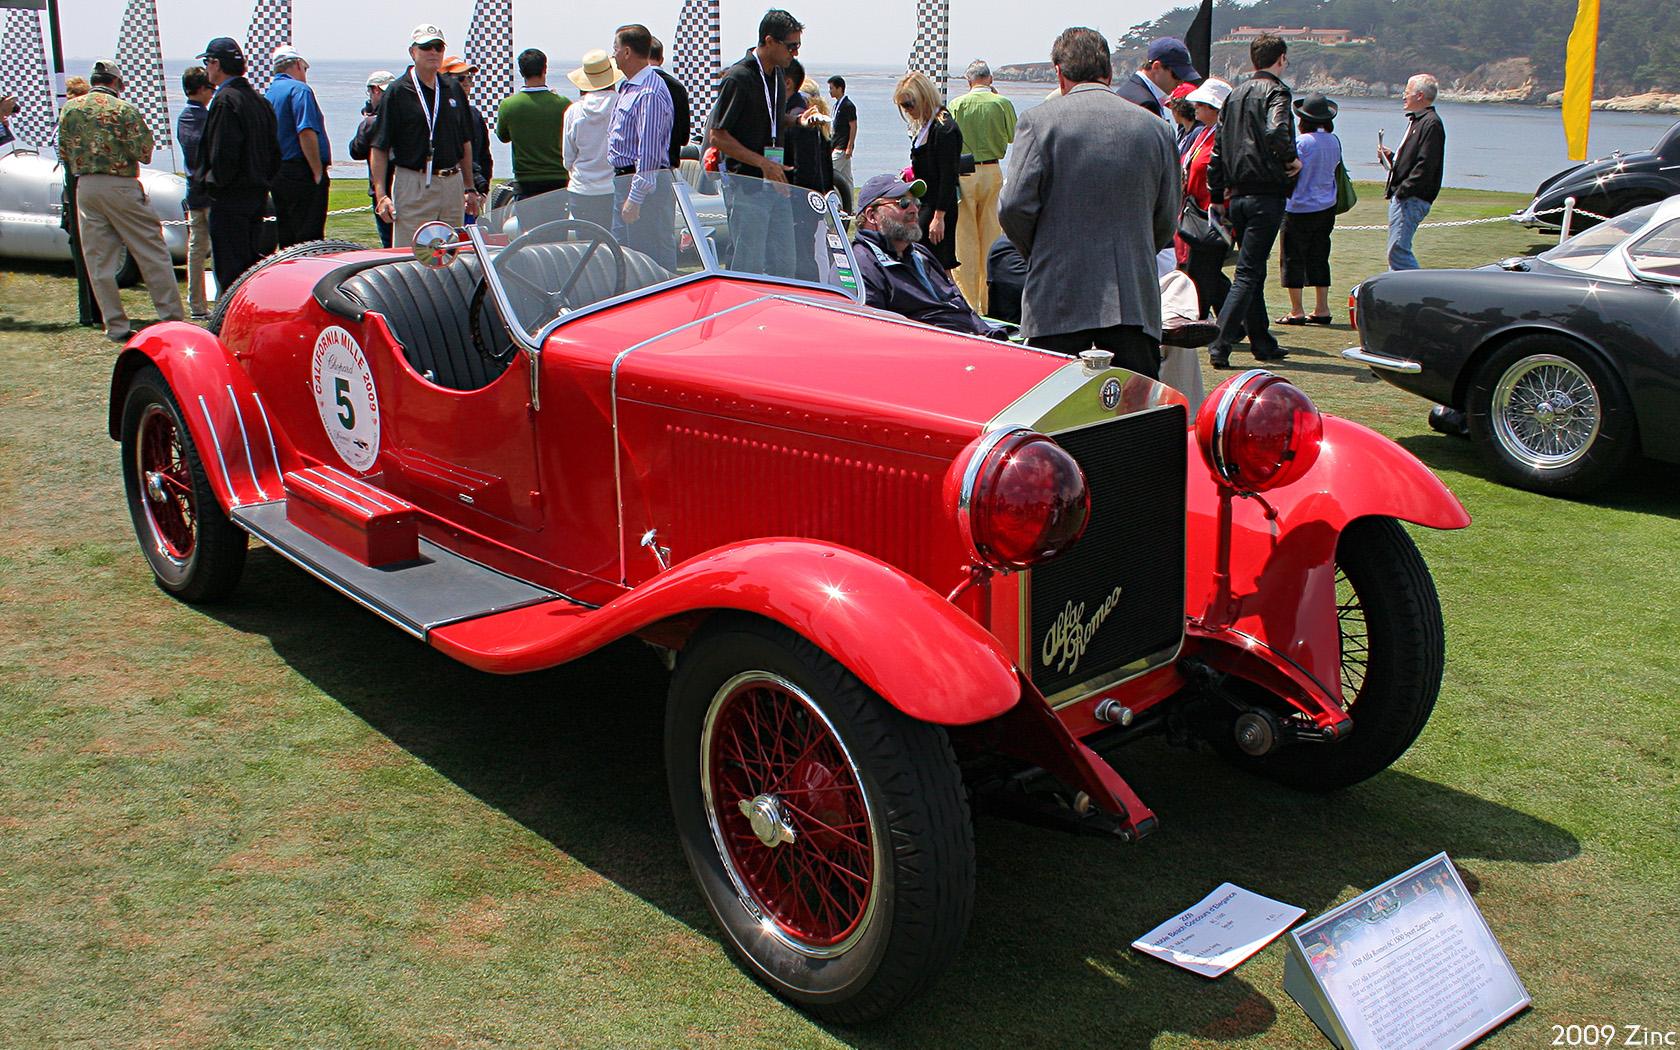 File:1928 Alfa Romeo 6C 1500 Sport Zagato Spyder - fvr.jpg